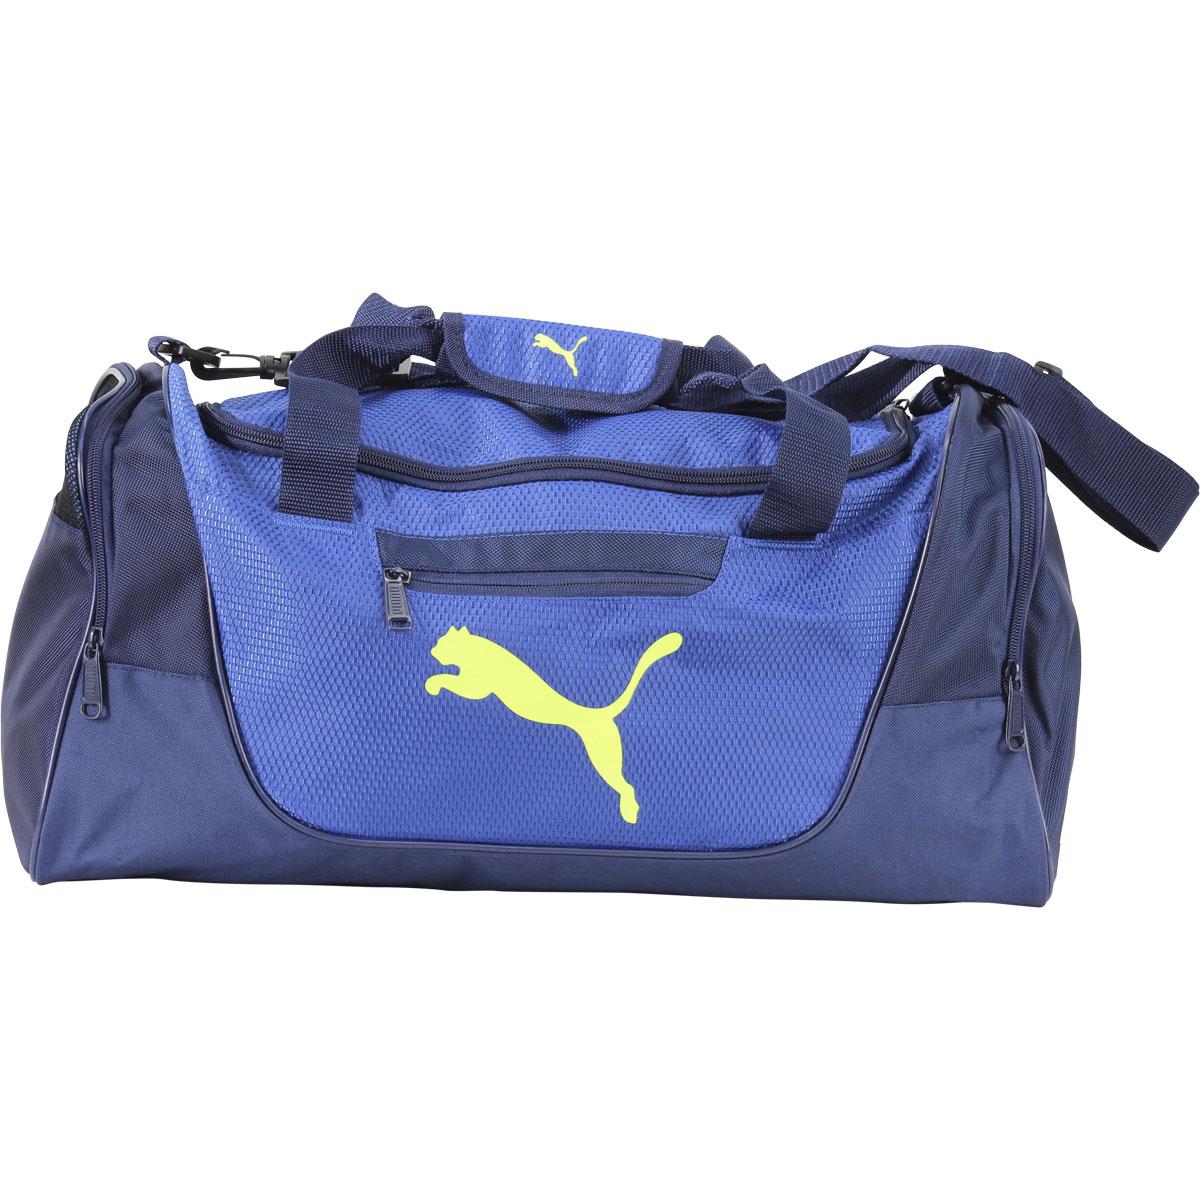 13f7d5743e Puma Men s Evercat Contender Navy Athletic Duffel Bag 888394179850 ...